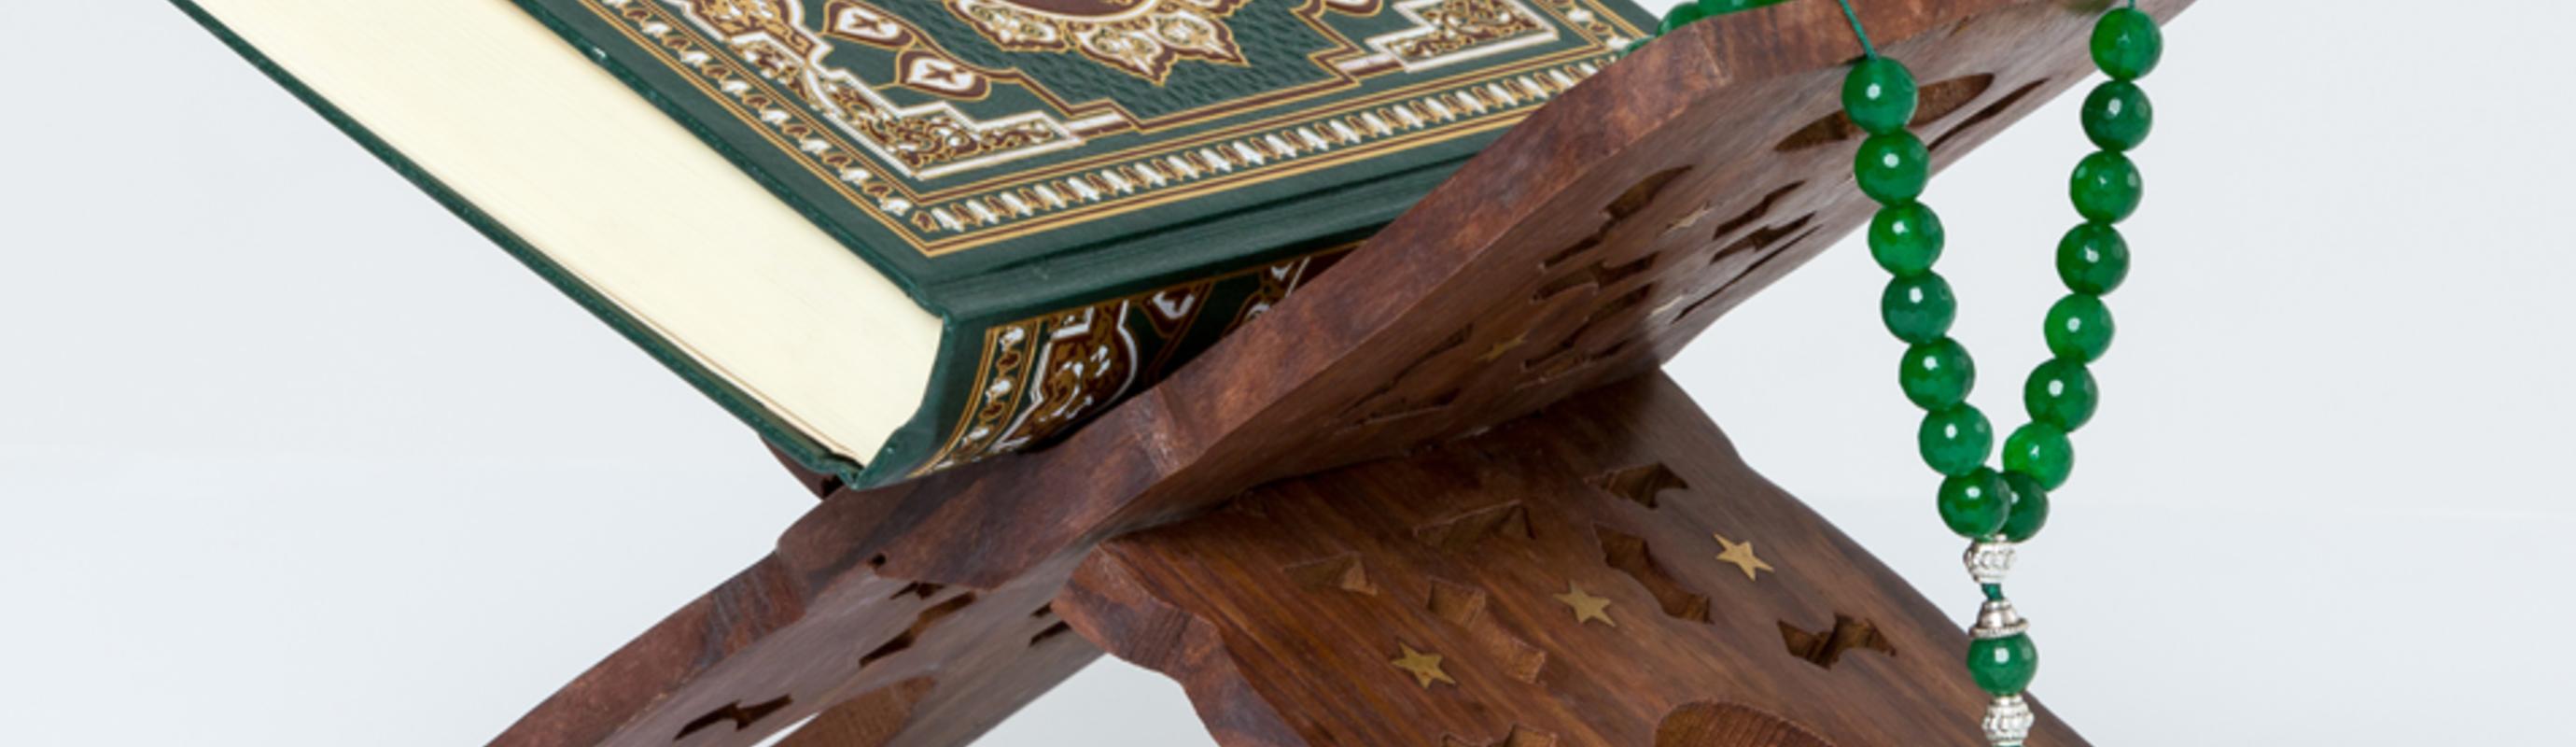 Tafsir series, dagelijkse Ramadhan gebeden toegelicht..(Farsi).